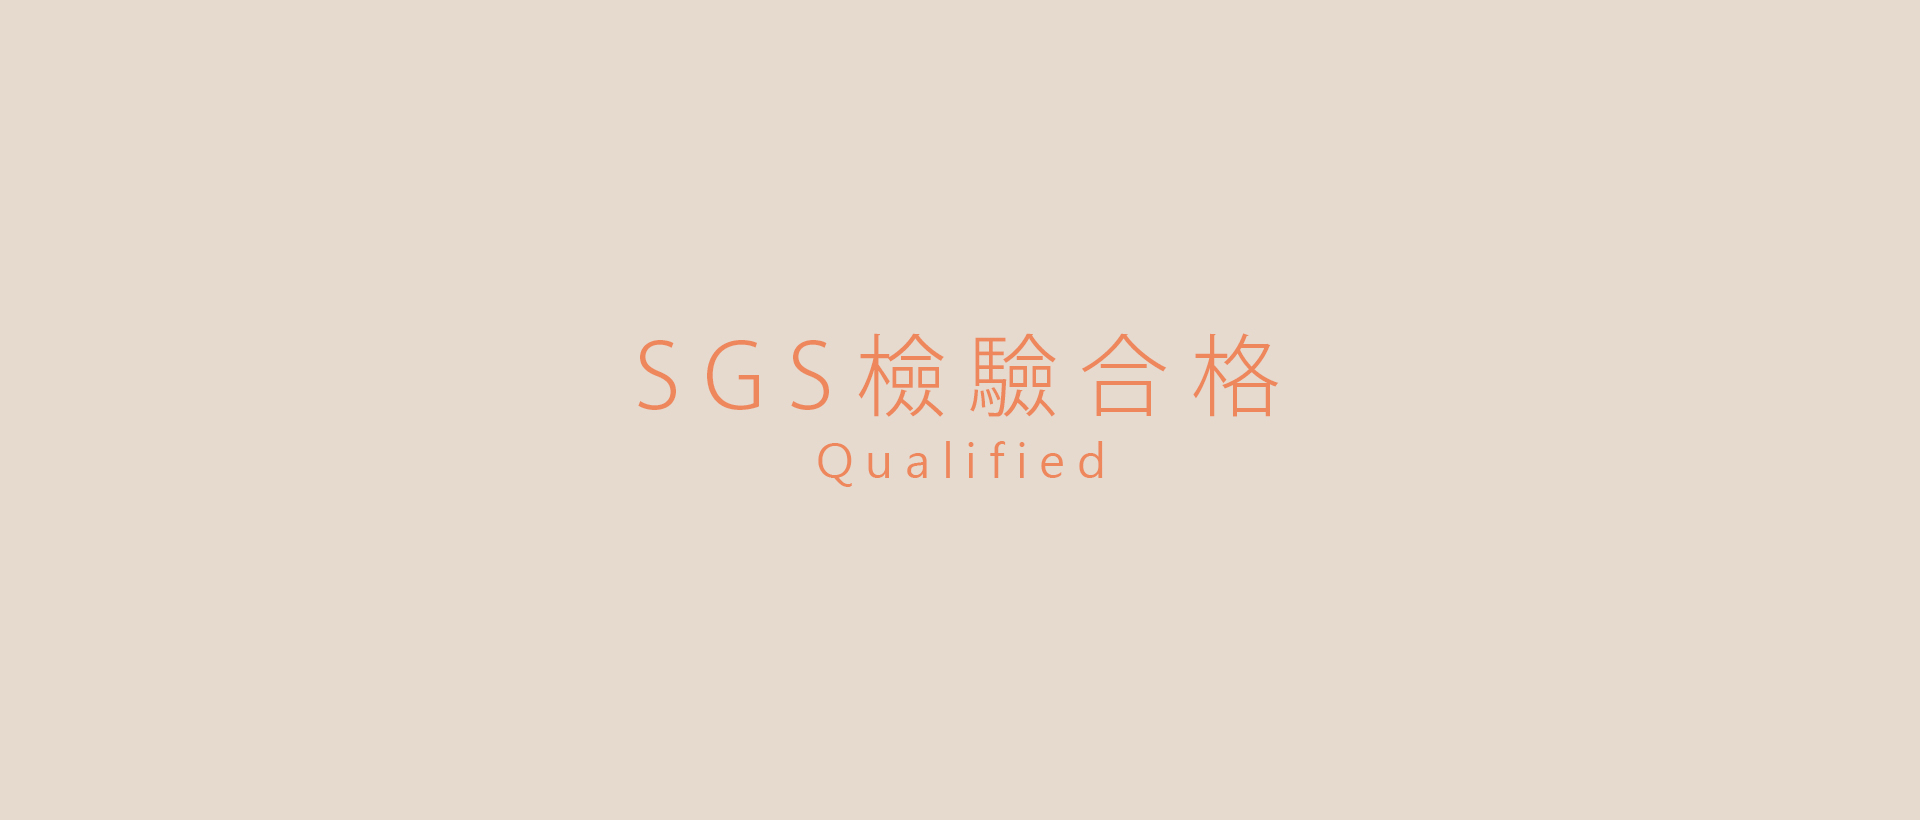 SGS檢驗合格